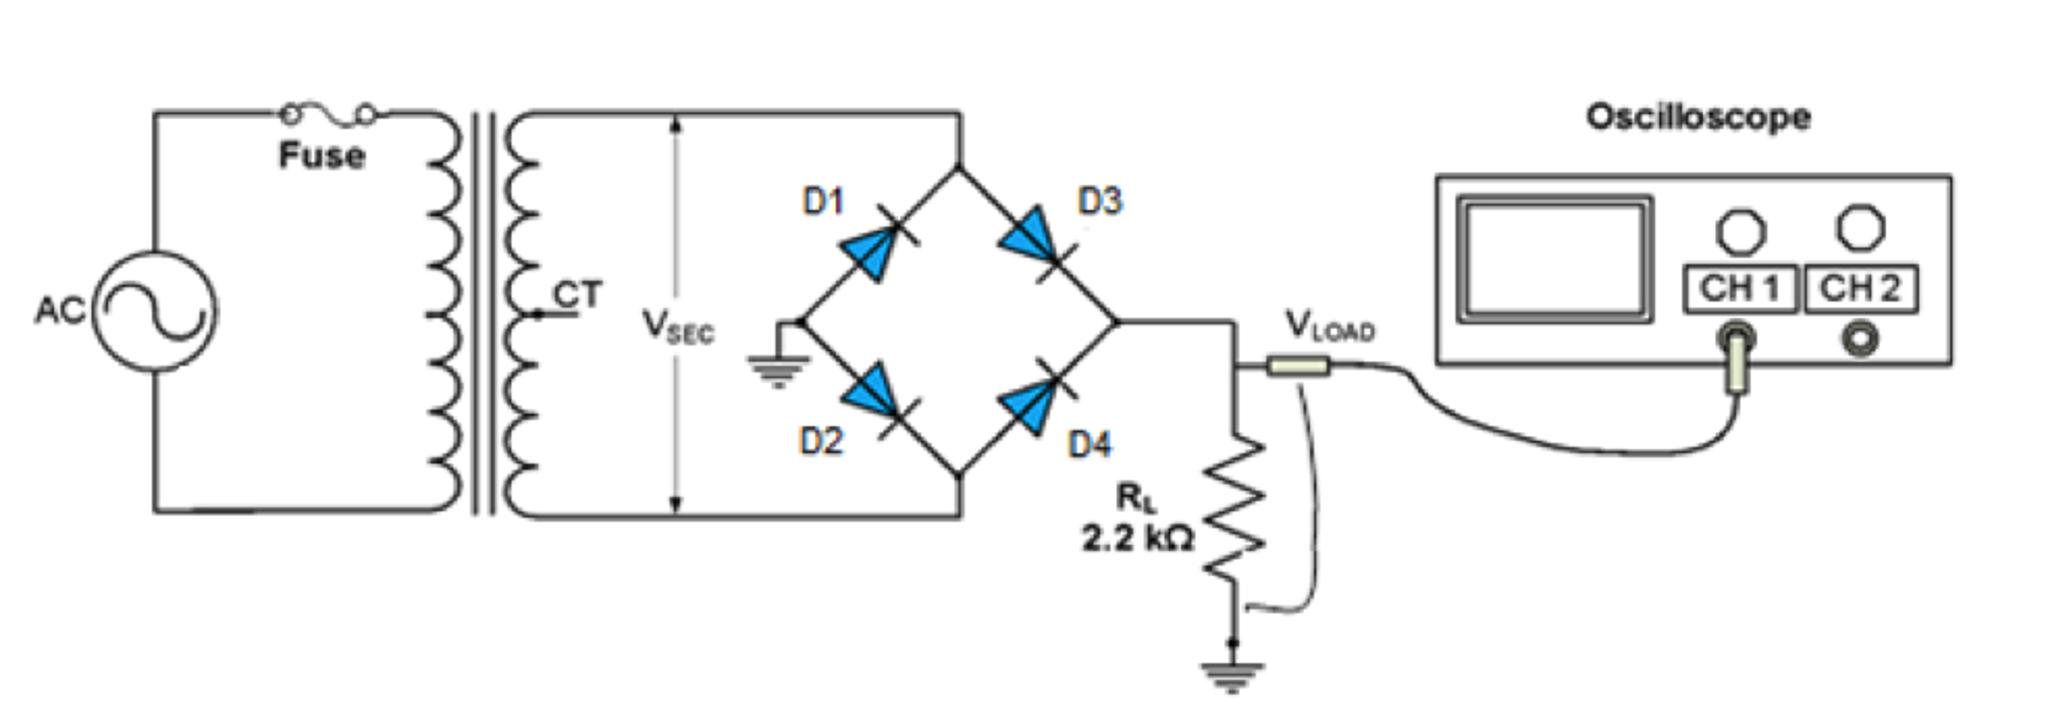 solved  materials   u2022 simulated parts  multisim    u2022 a 30  3